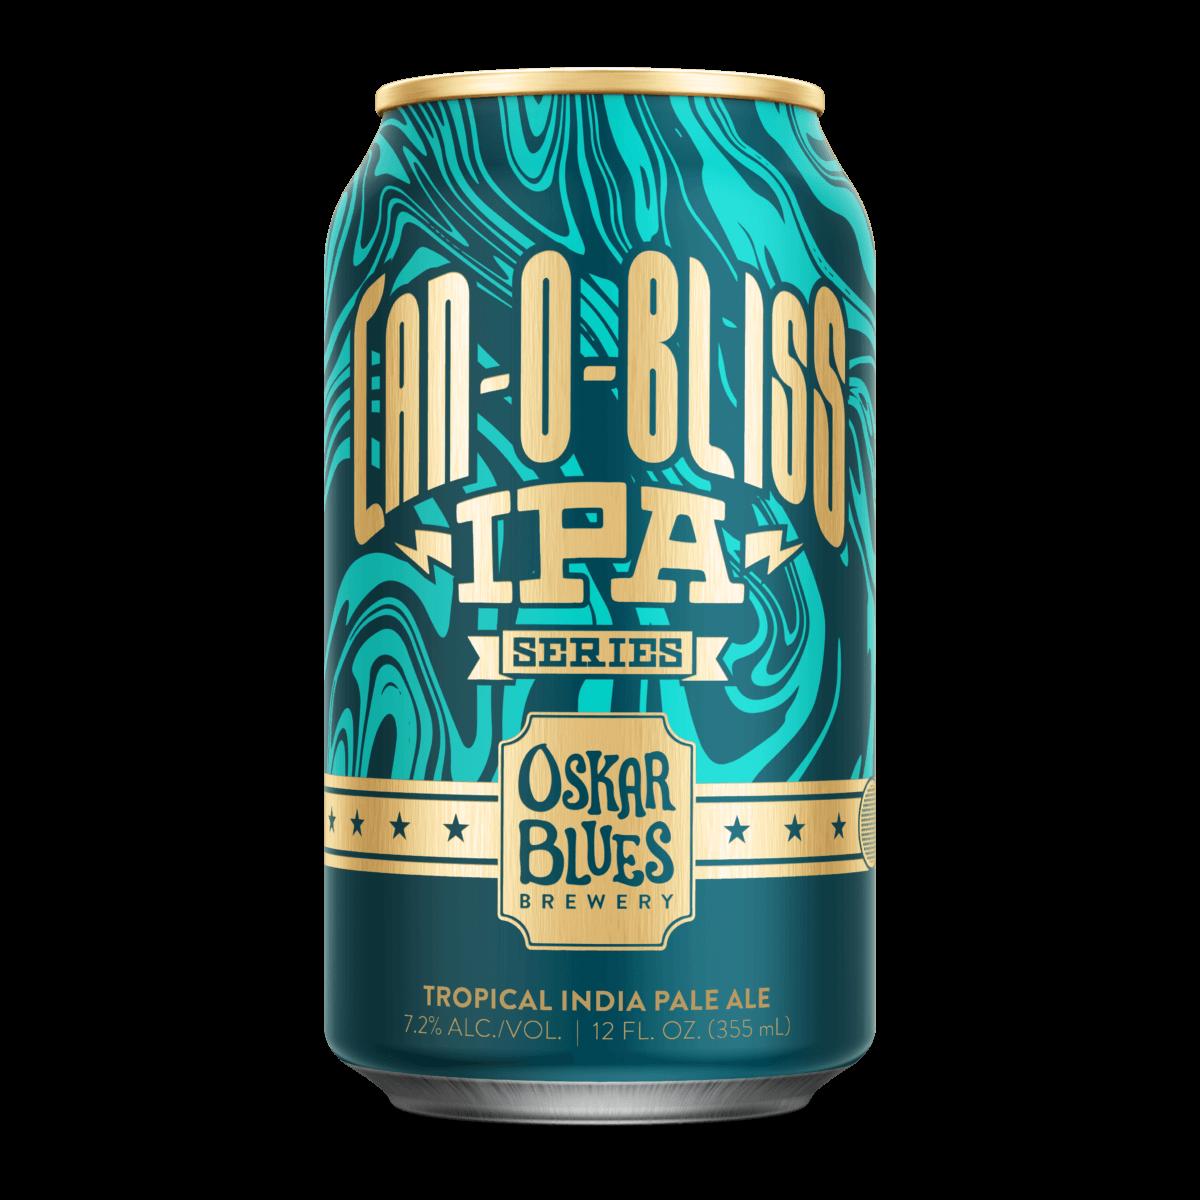 Oskar Blues - Can-O-Bliss Tropical IPA